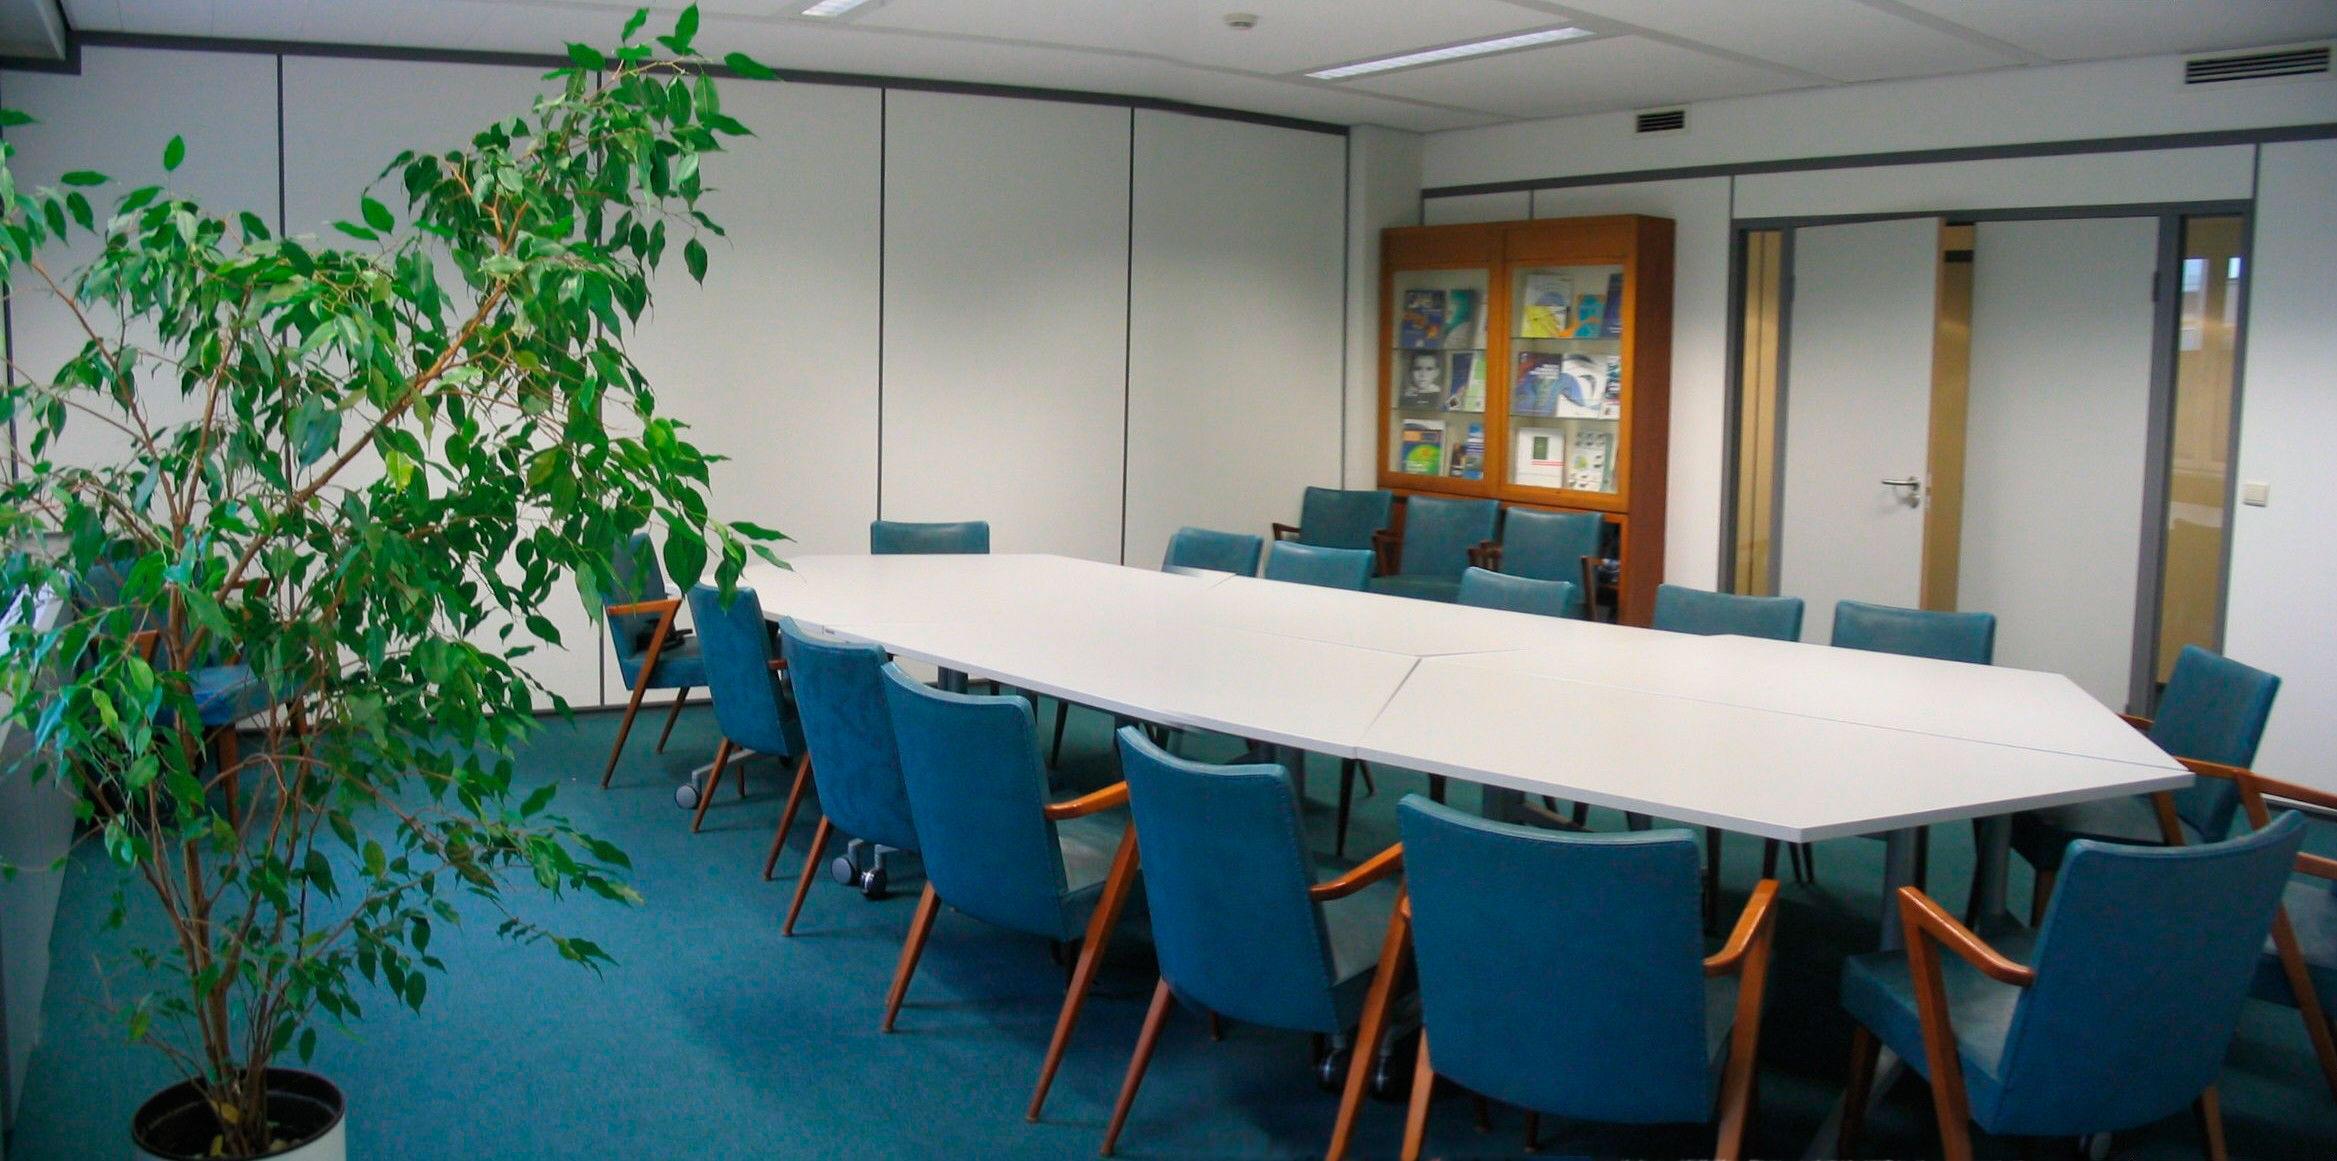 Chambre fran aise de commerce et d 39 industrie de belgique for Chambre de commerce et d industrie de bruxelles